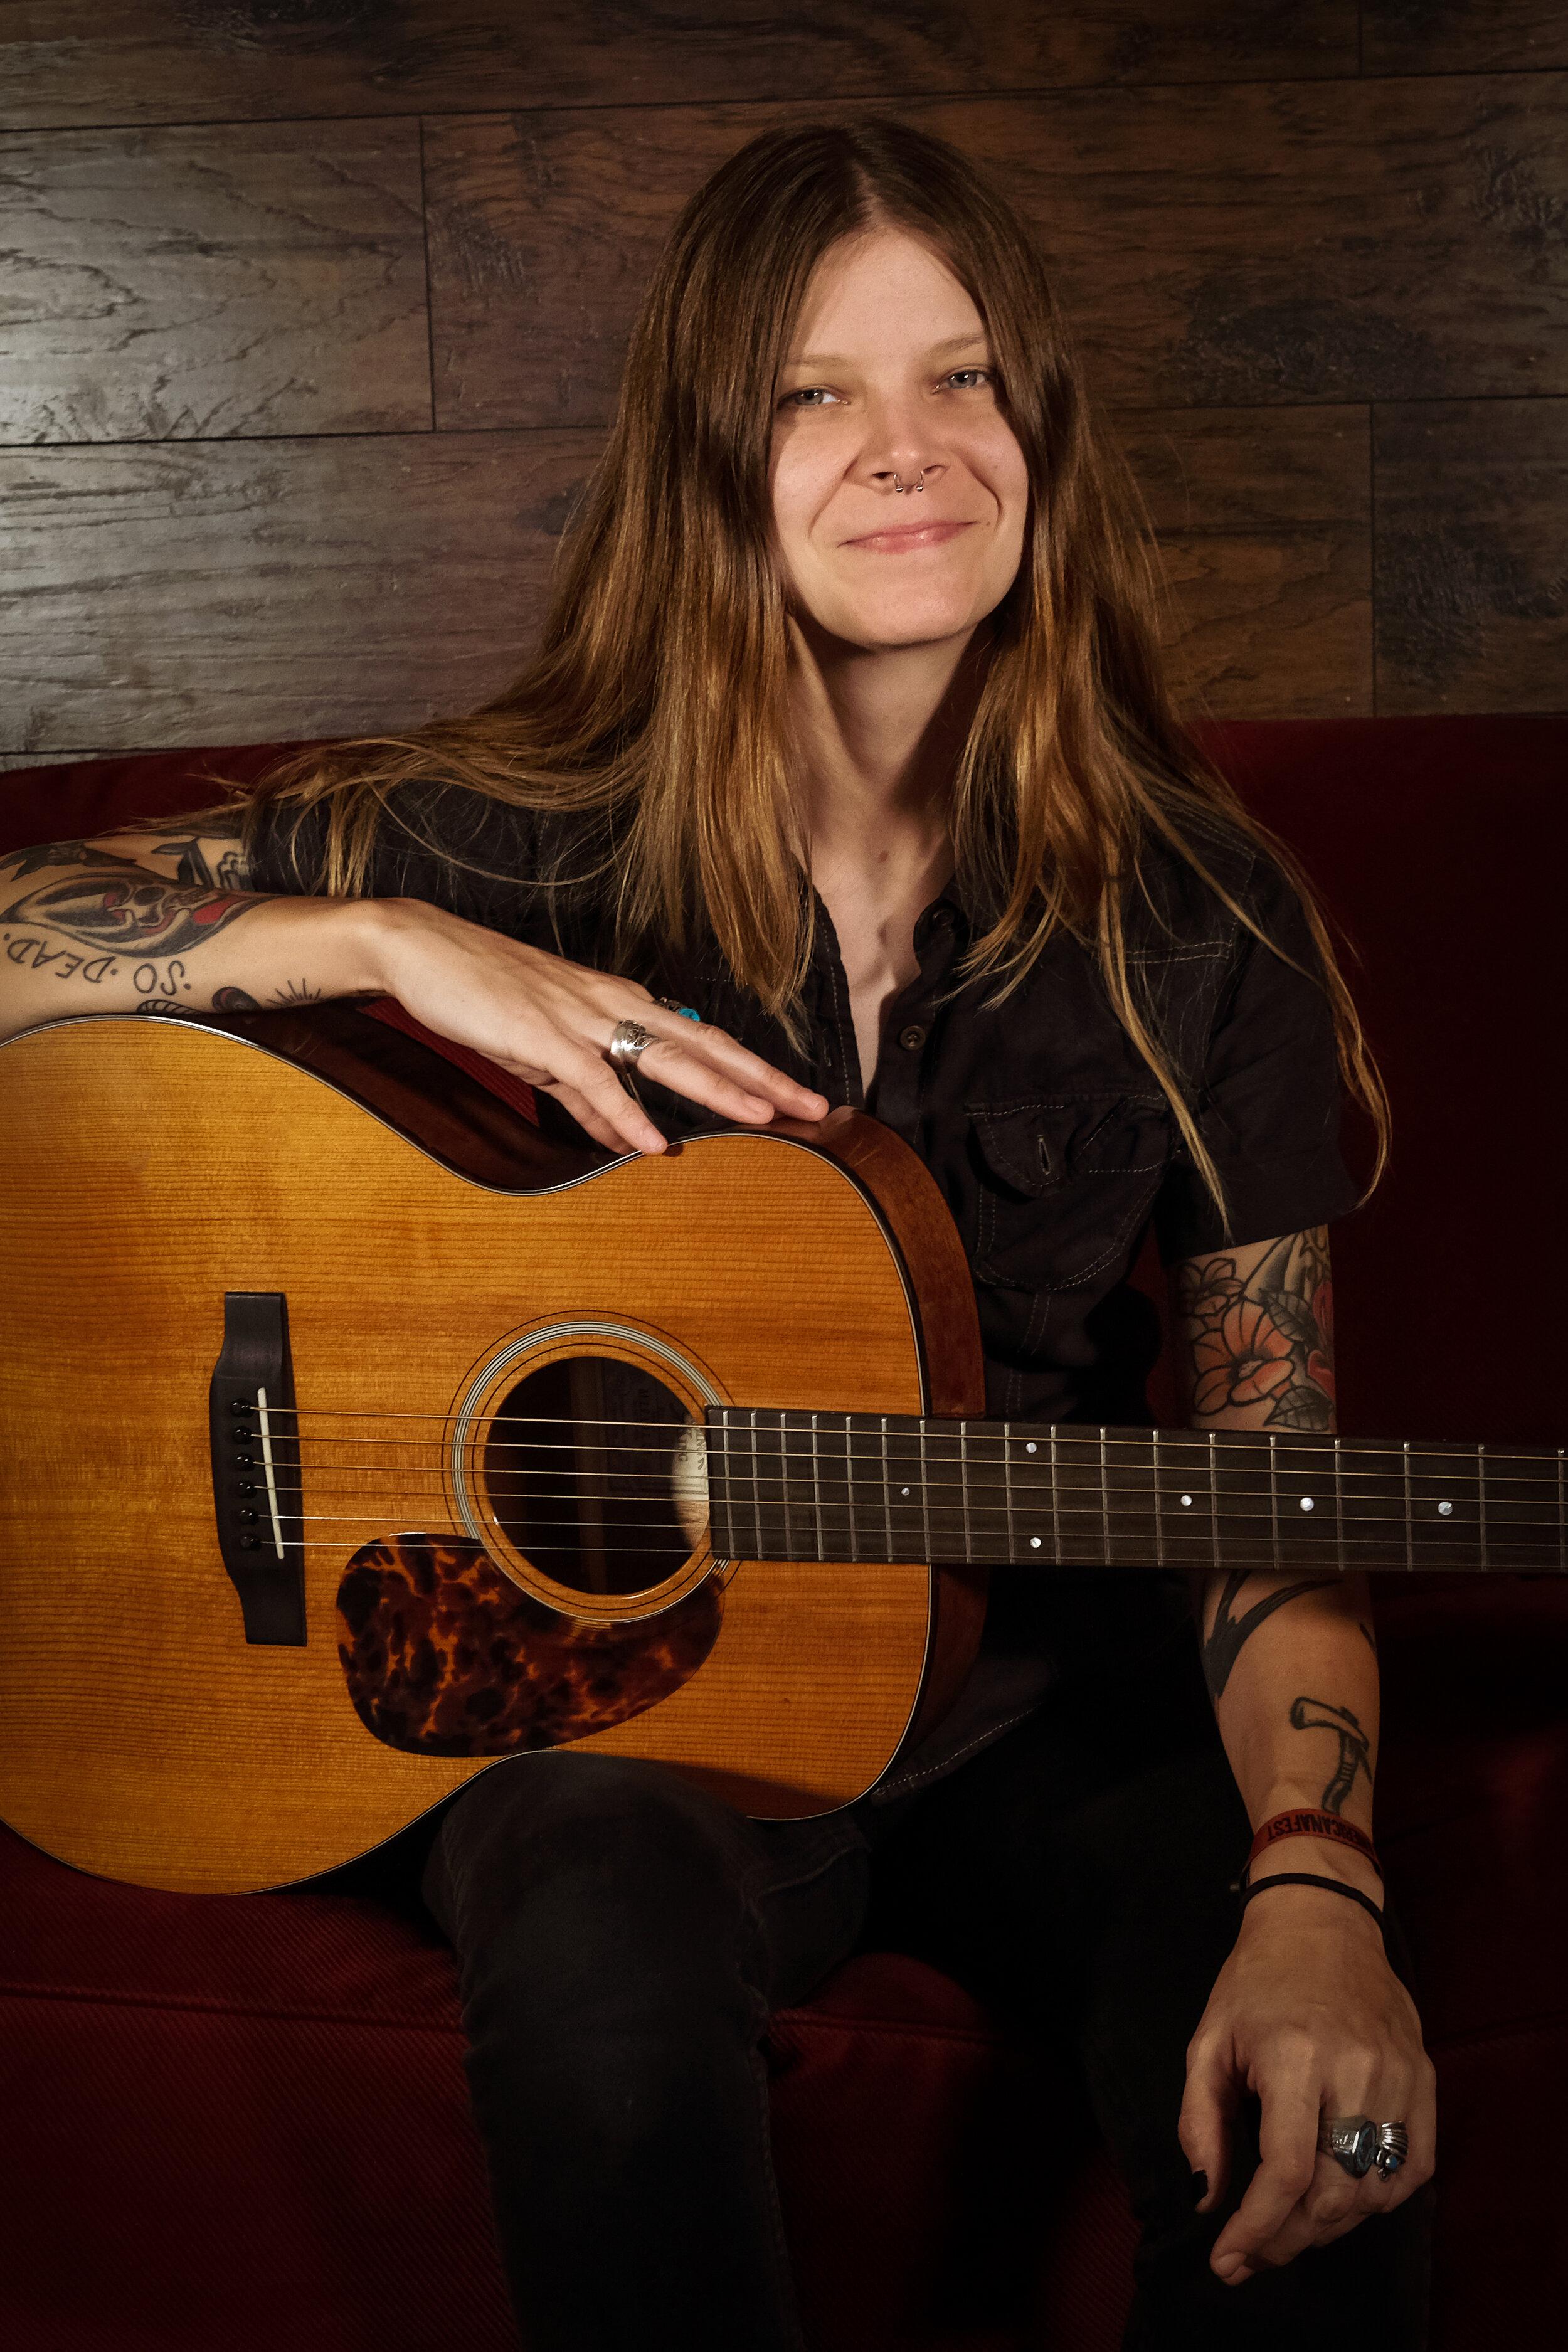 Sarah Shook plays the RO-T16